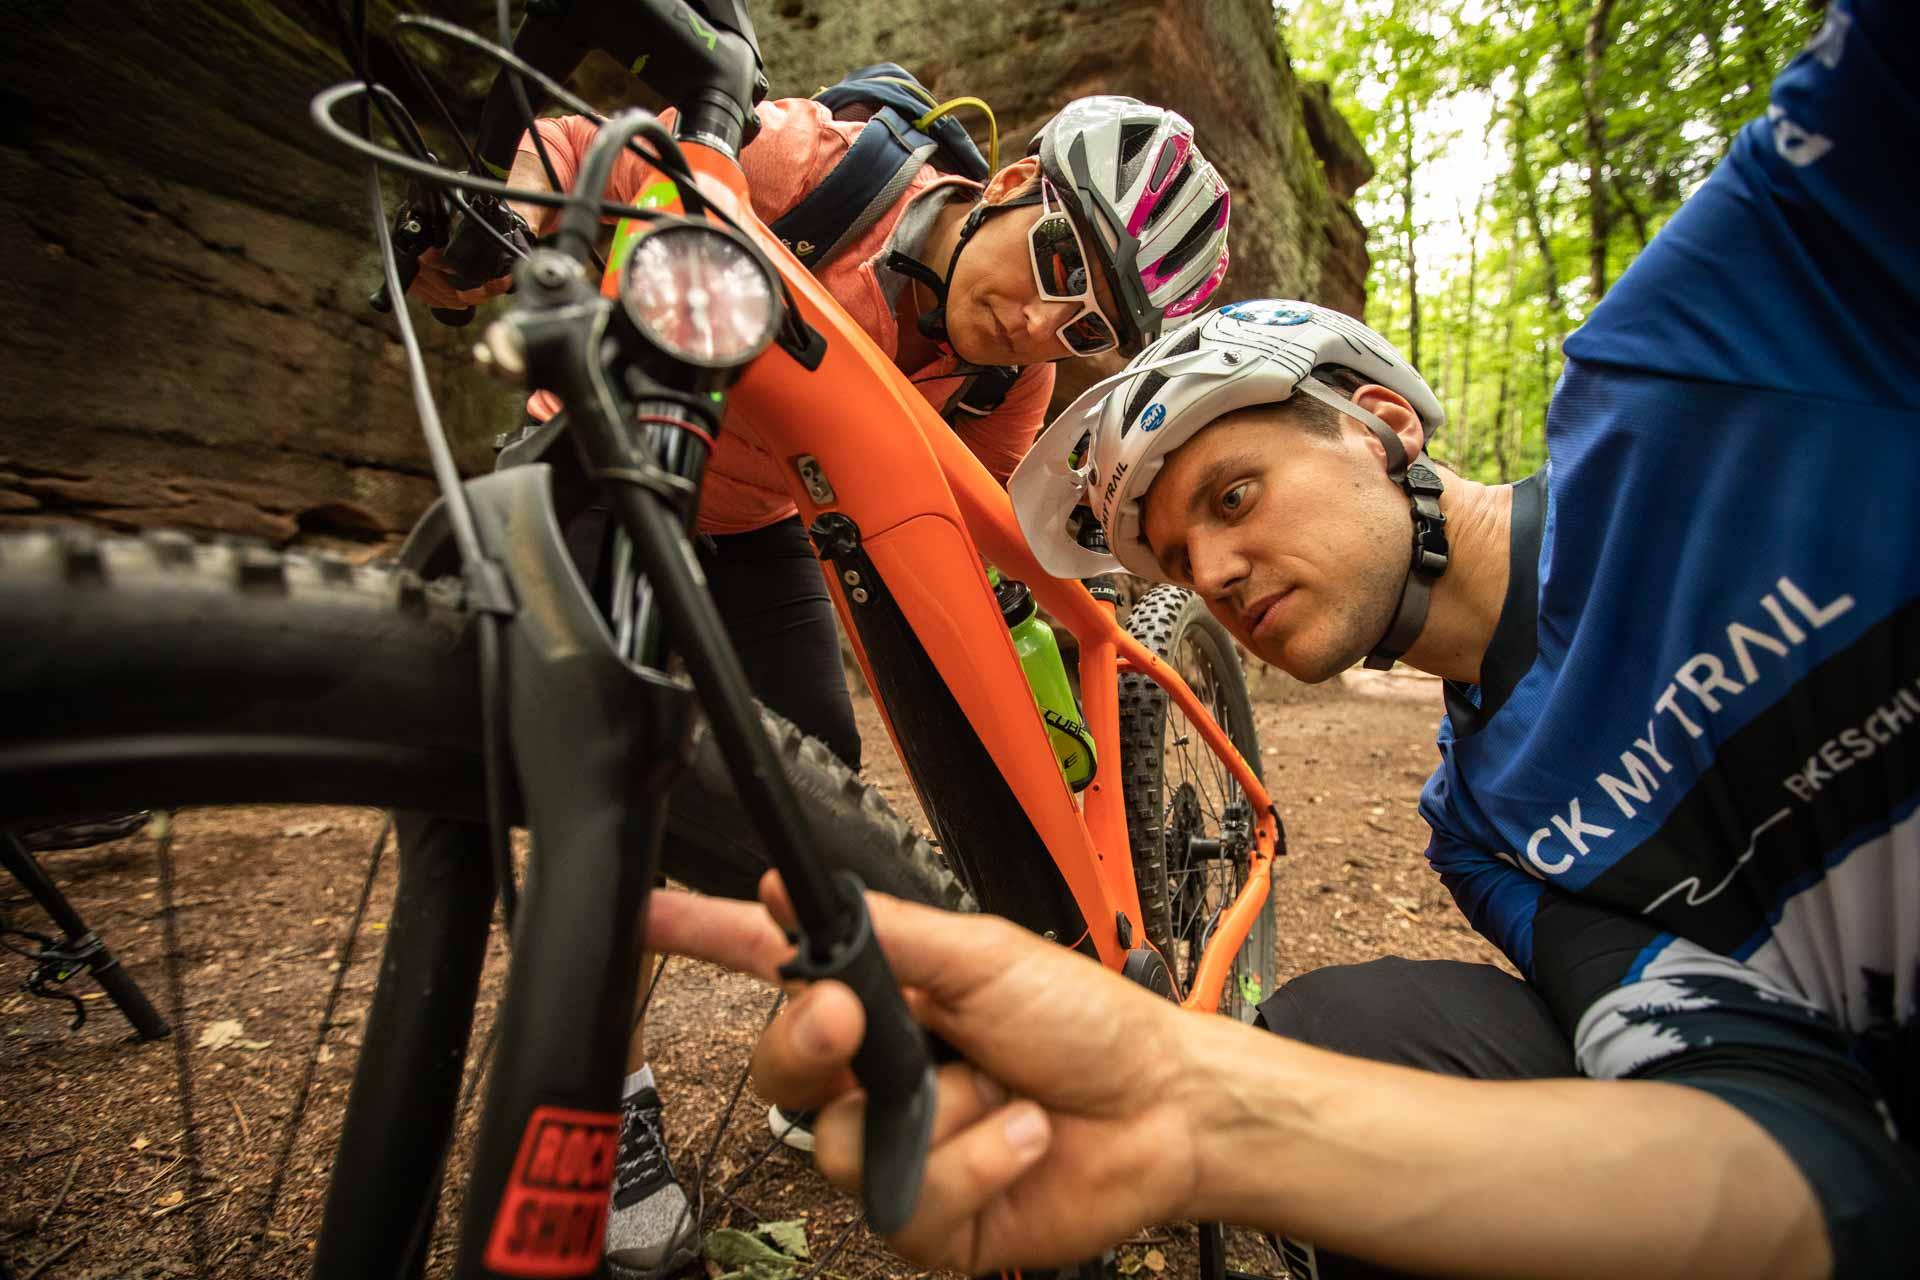 eBike Test Erlebnis eMountainbike fahren probieren Gummersbach NRW Trainer eMTB testen Rock my Trail Bikeschule 16